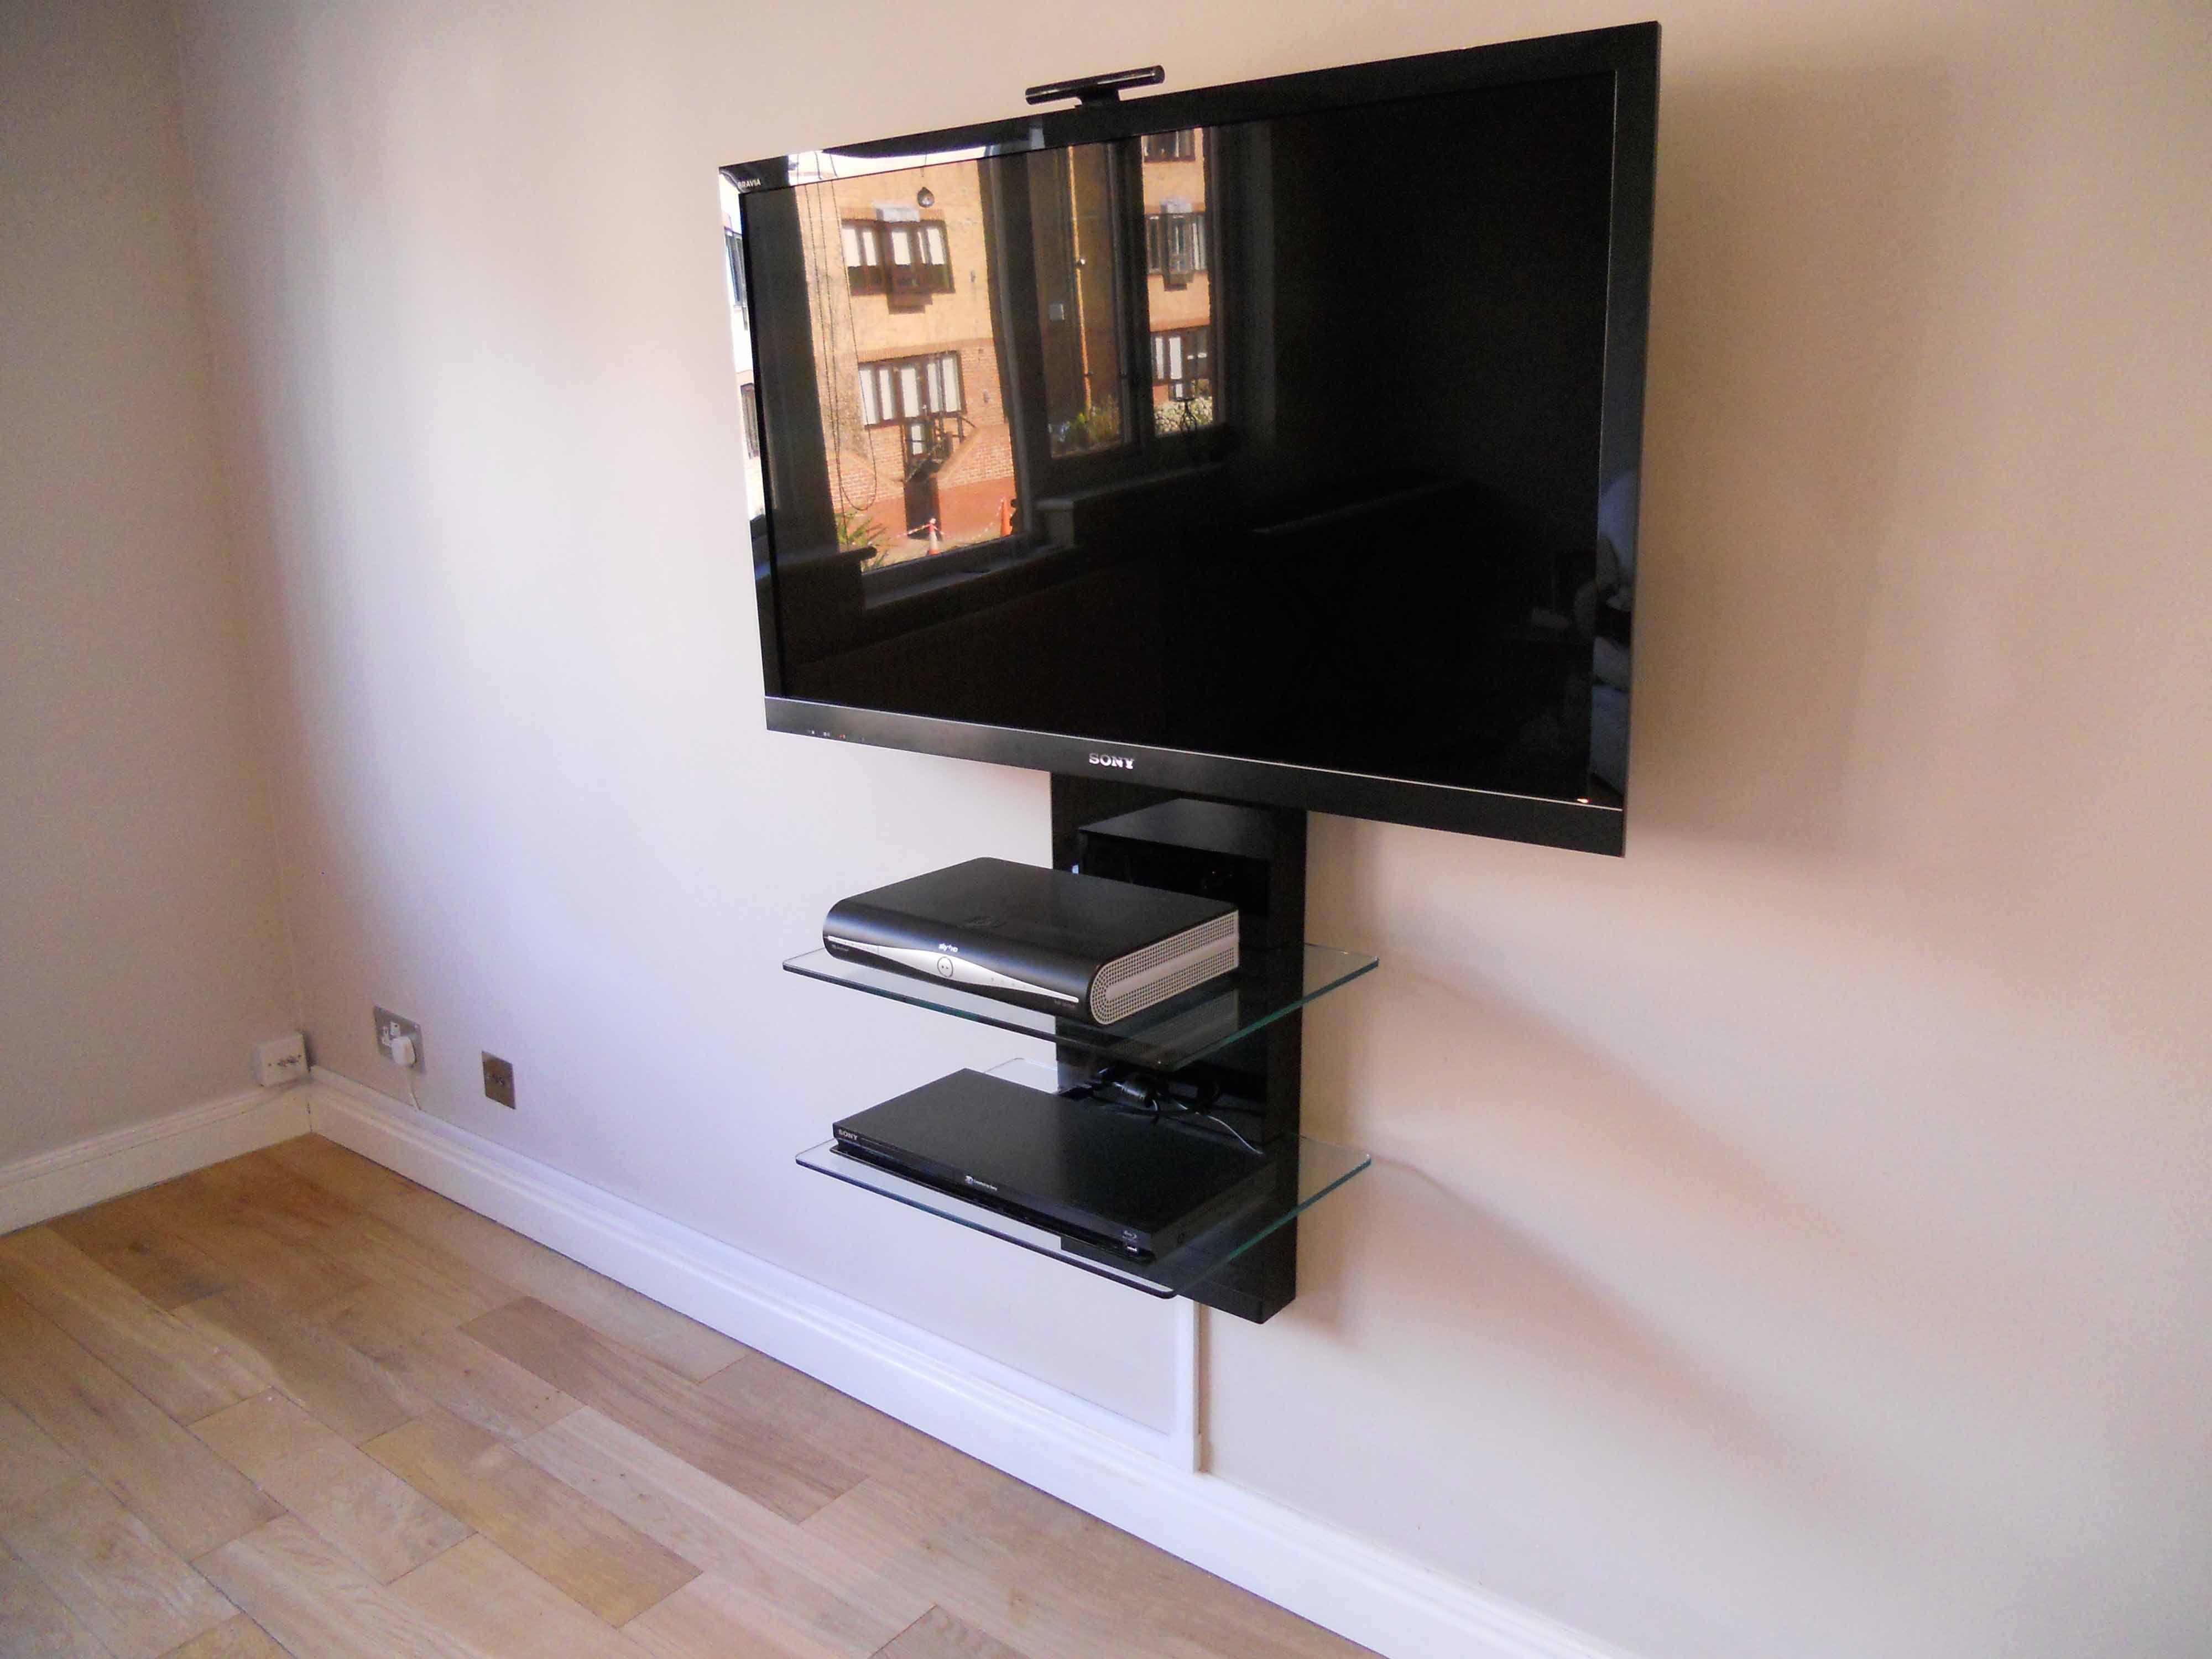 Portrayal Of Floating Media Shelf Design Wall Mounted Shelves Tv Wall Shelves Wall Mount Tv Shelf